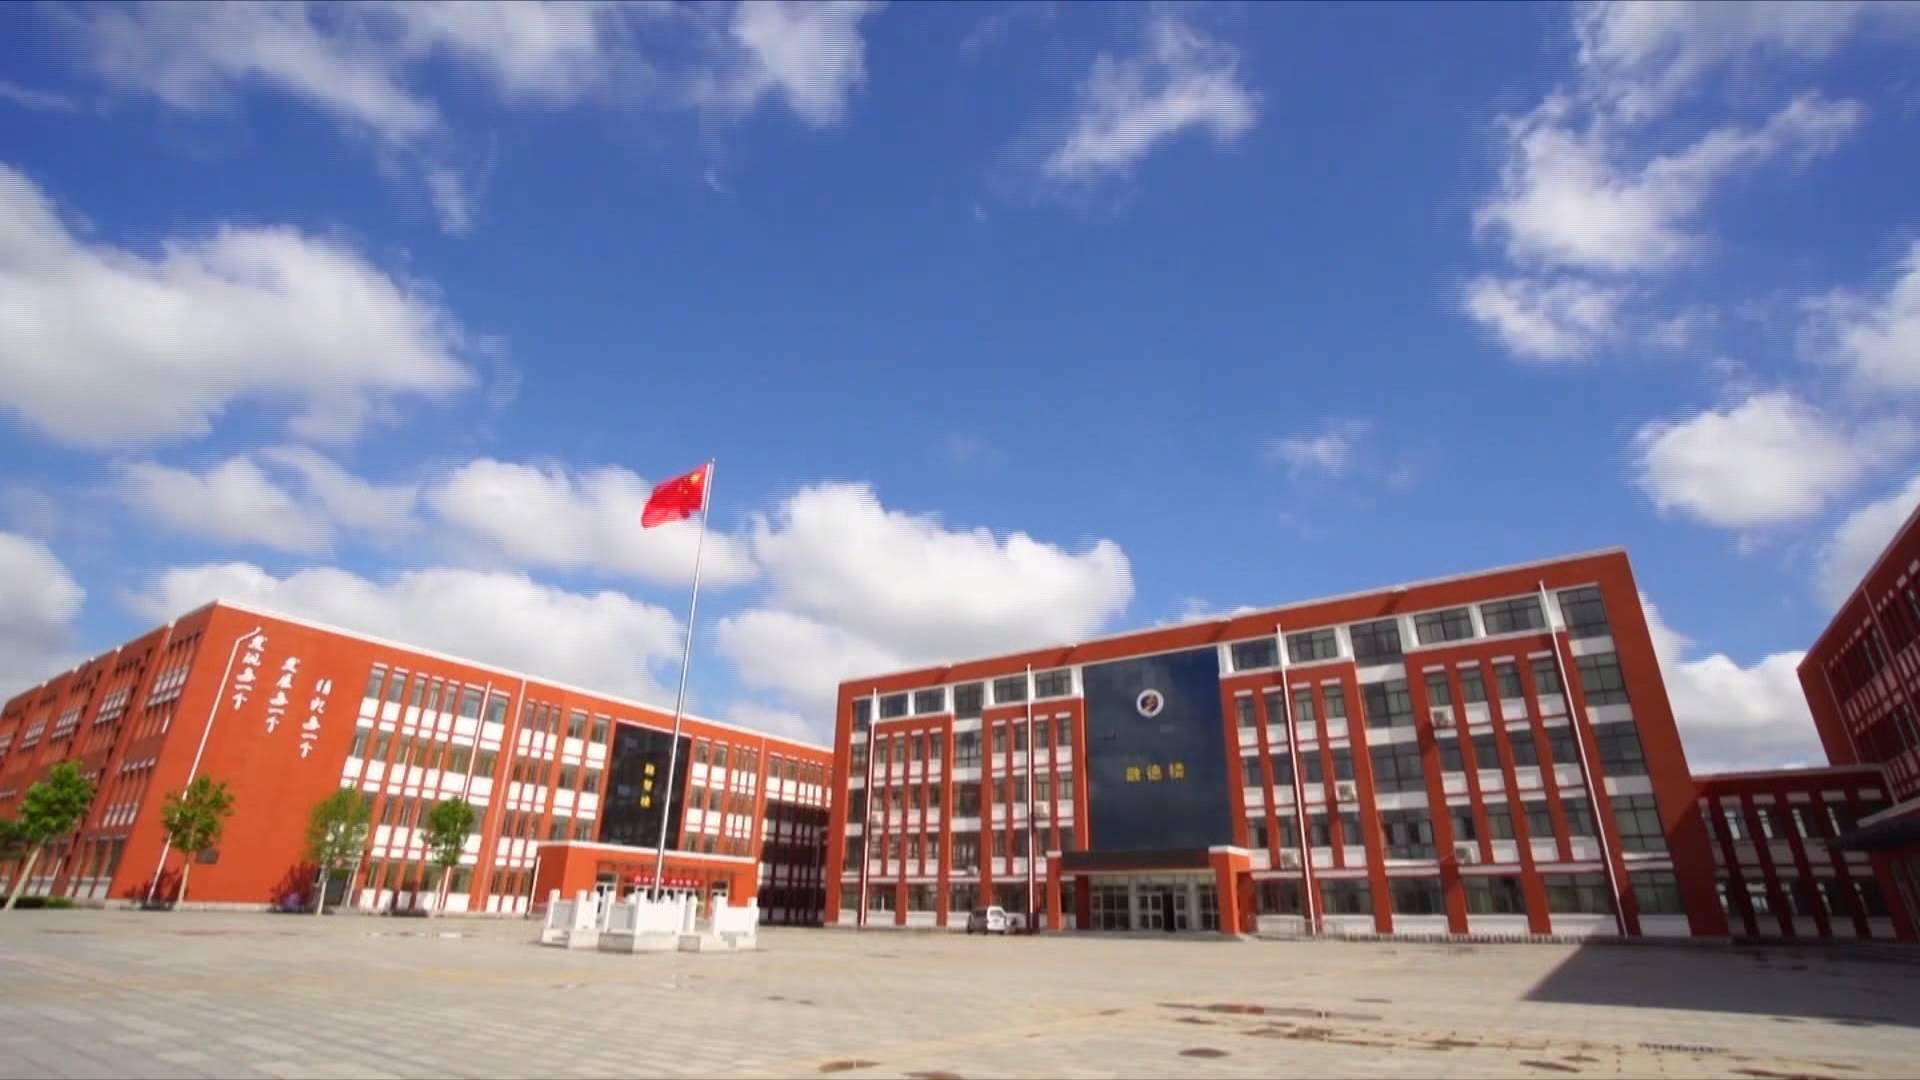 邓云锋:继承和发扬伟大的建党精神,努力办好人民满意的教育